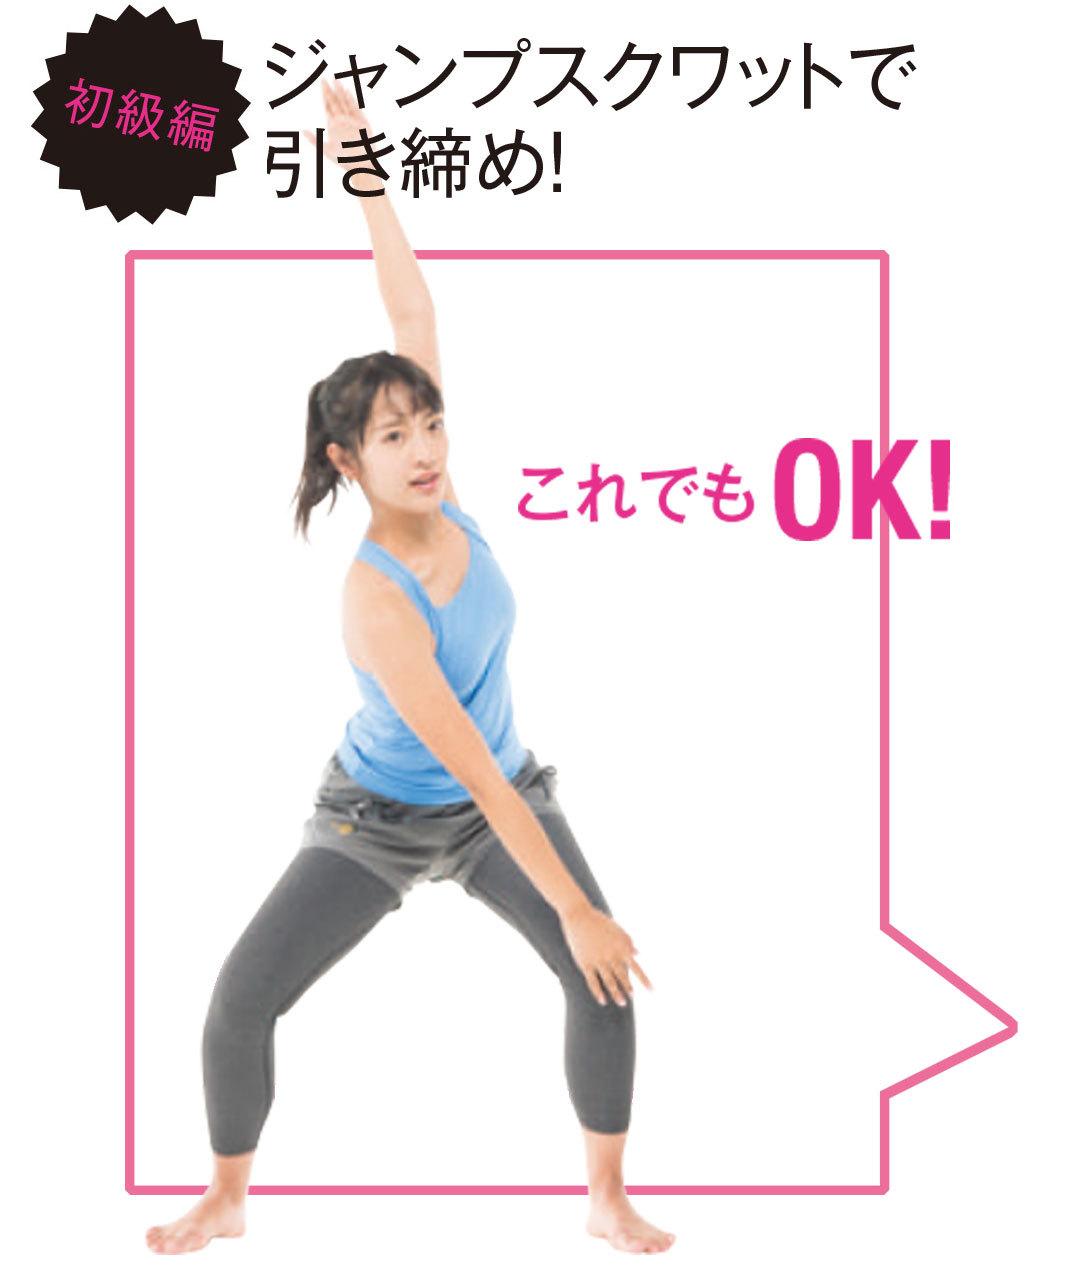 太もも痩せしたい! 1畳スペースでできる簡単筋トレをAYAさんが伝授♡ _1_2-3